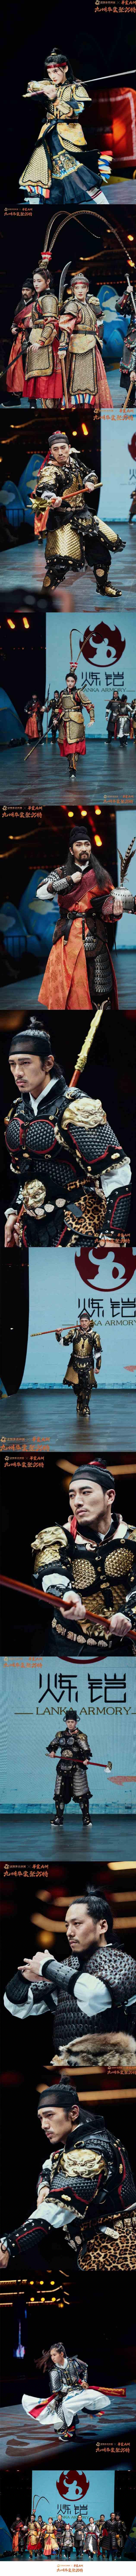 摩臣2平台超模甲胄团惊喜燃爆 华裳九州长沙秀典